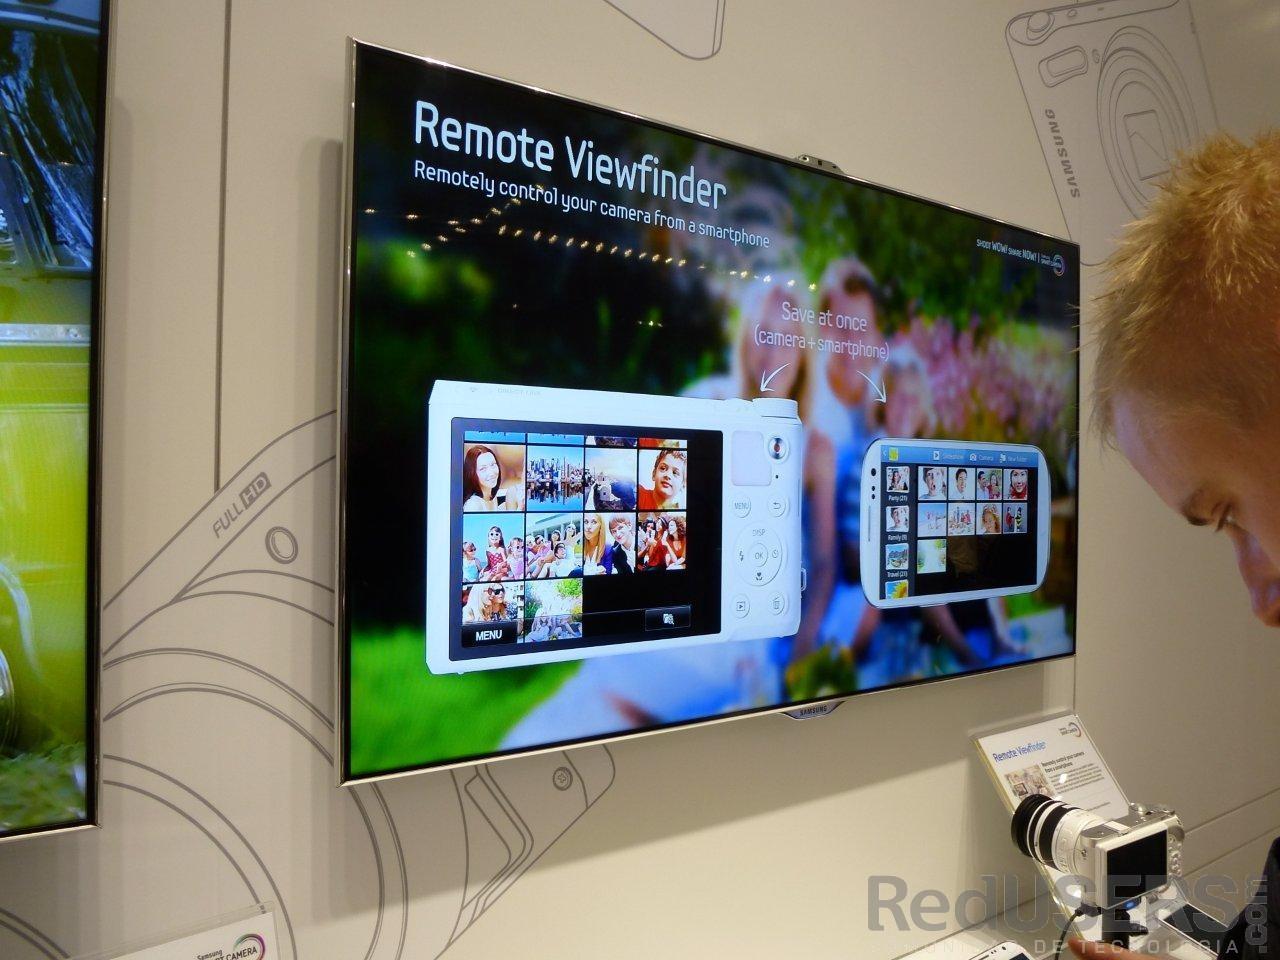 Remote Viewfinder permite ver las fotografías, de manera remota, en un smartphone o tablet